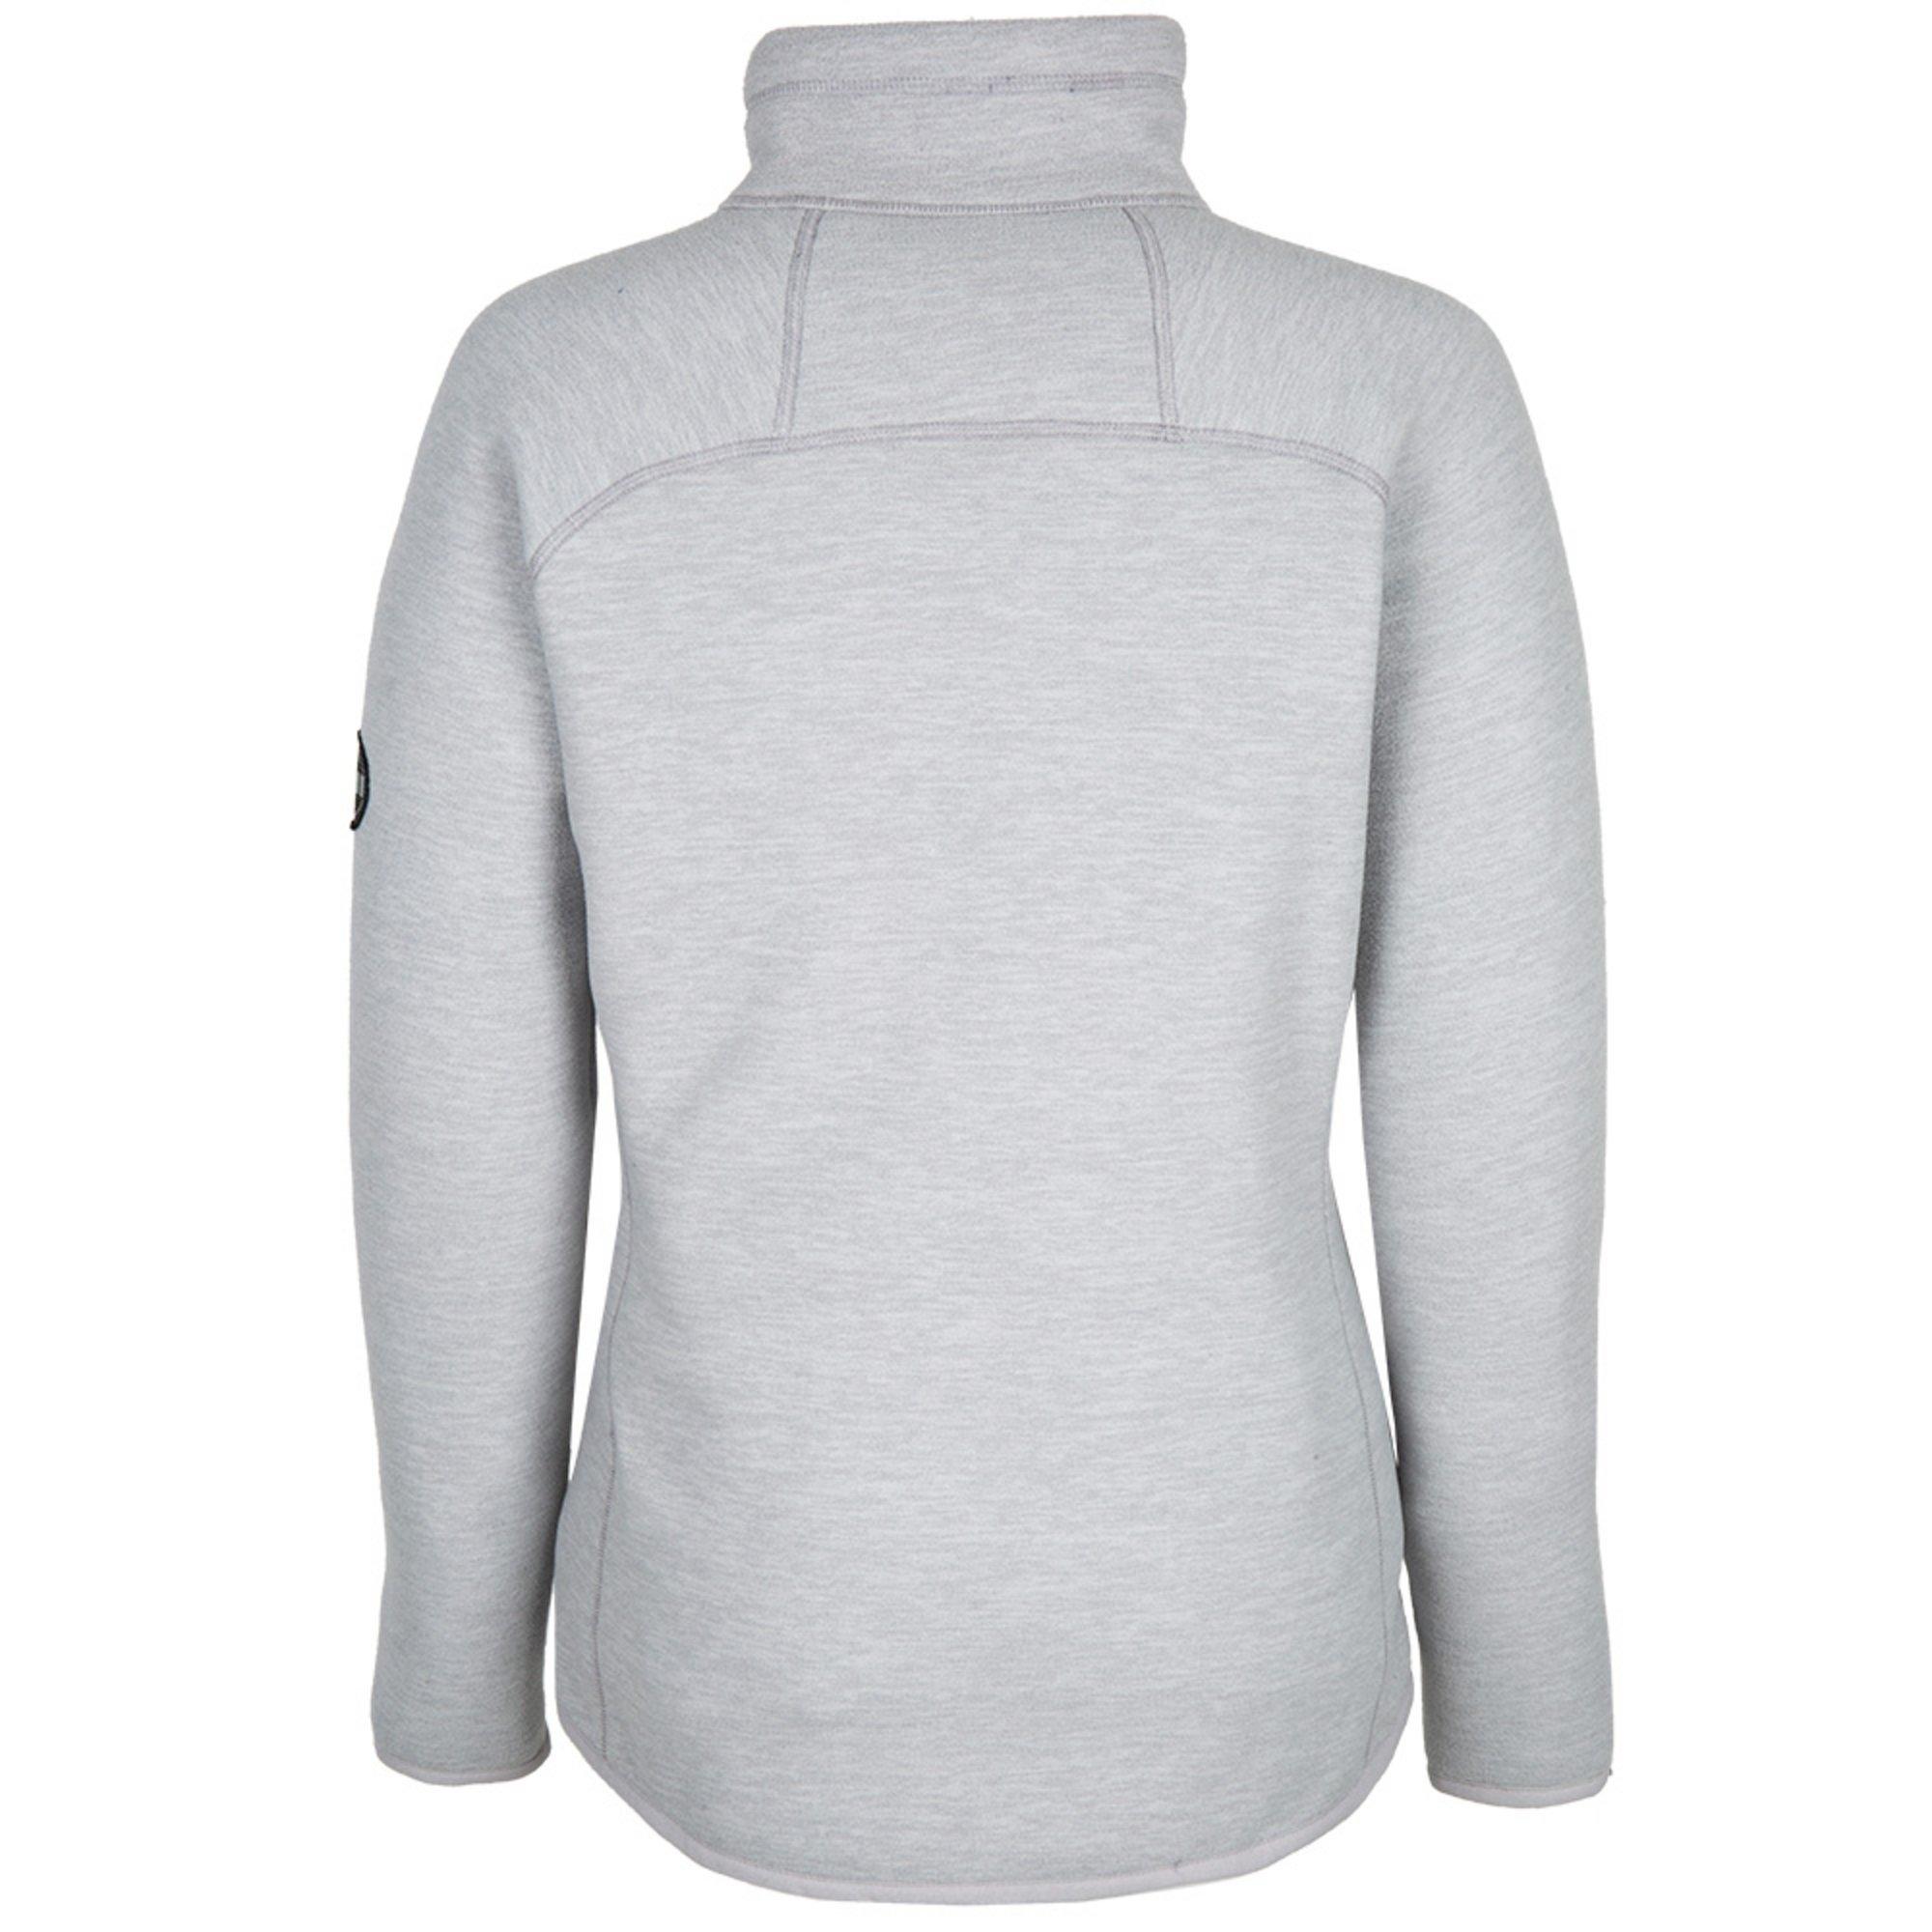 Women's Polar Jacket - 1703W-GRE16-3.jpg